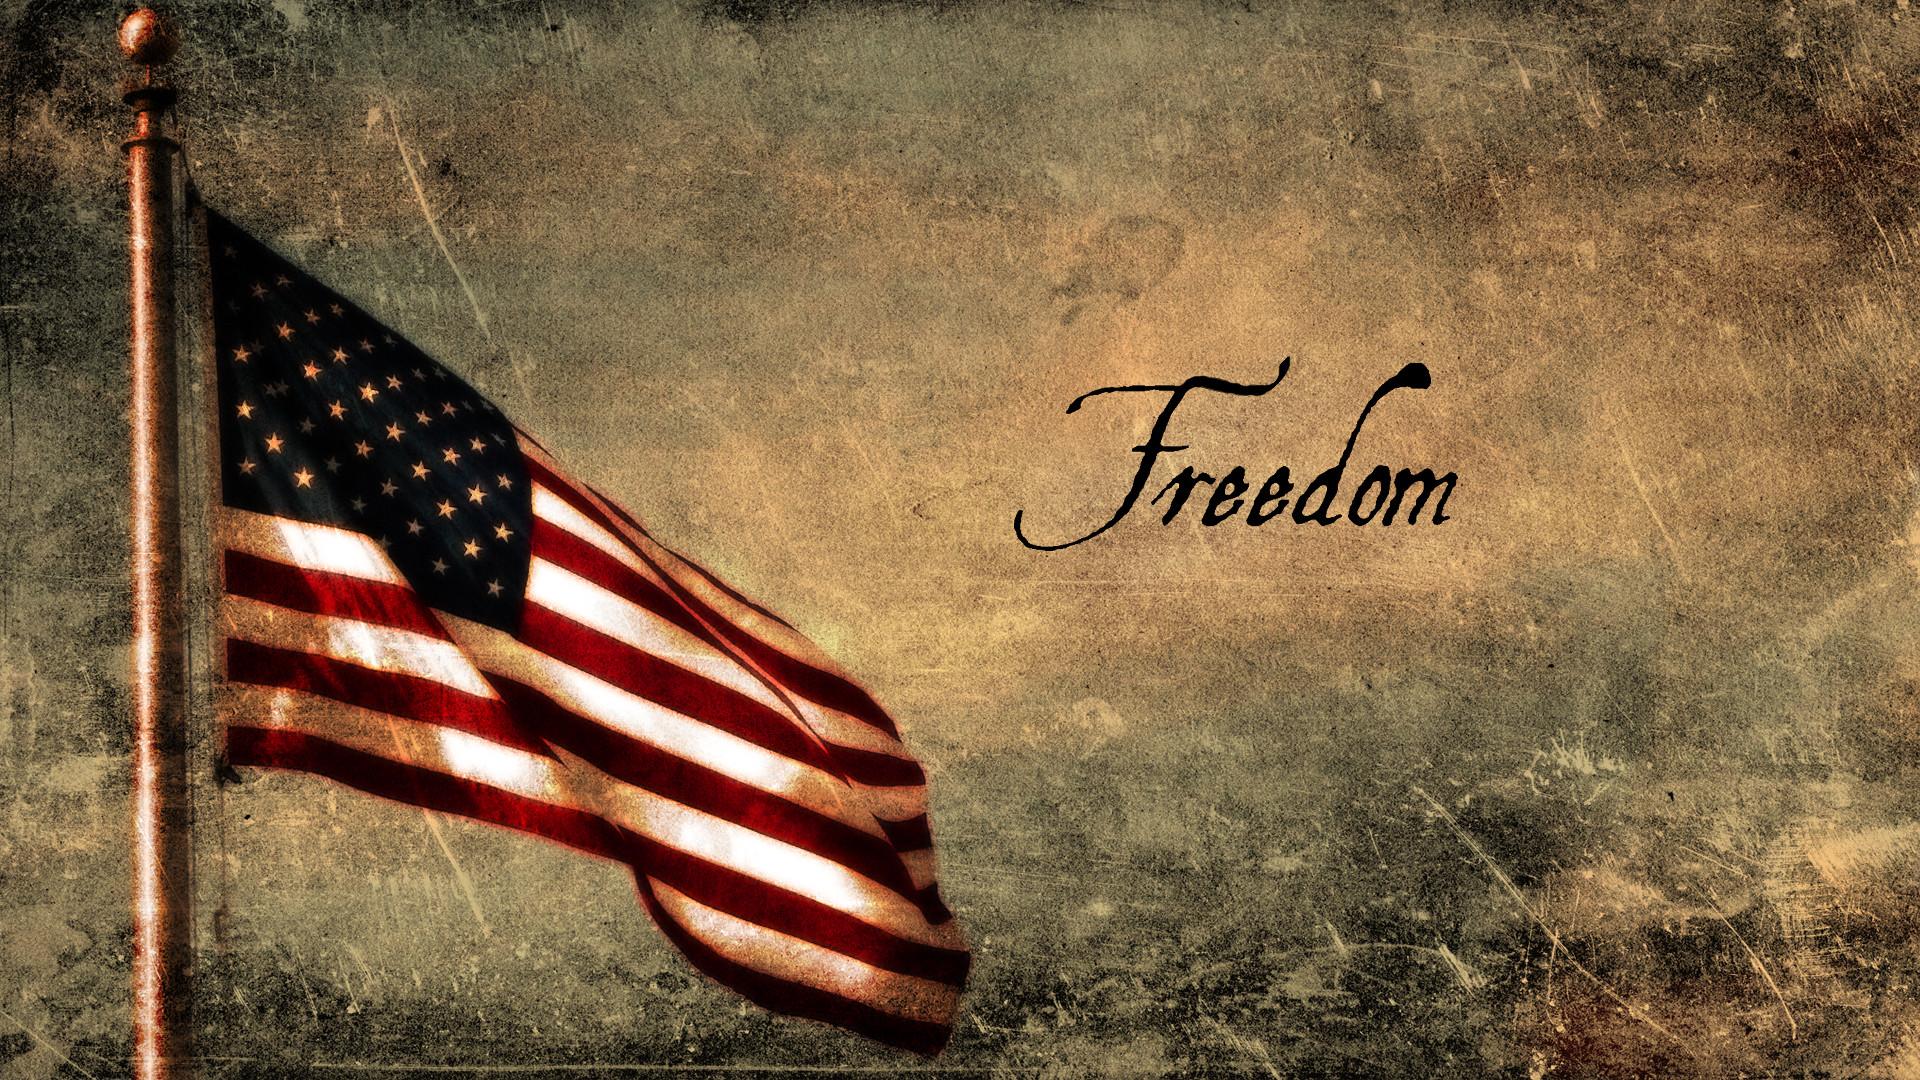 america wallpaper hd patriotic phone mobile